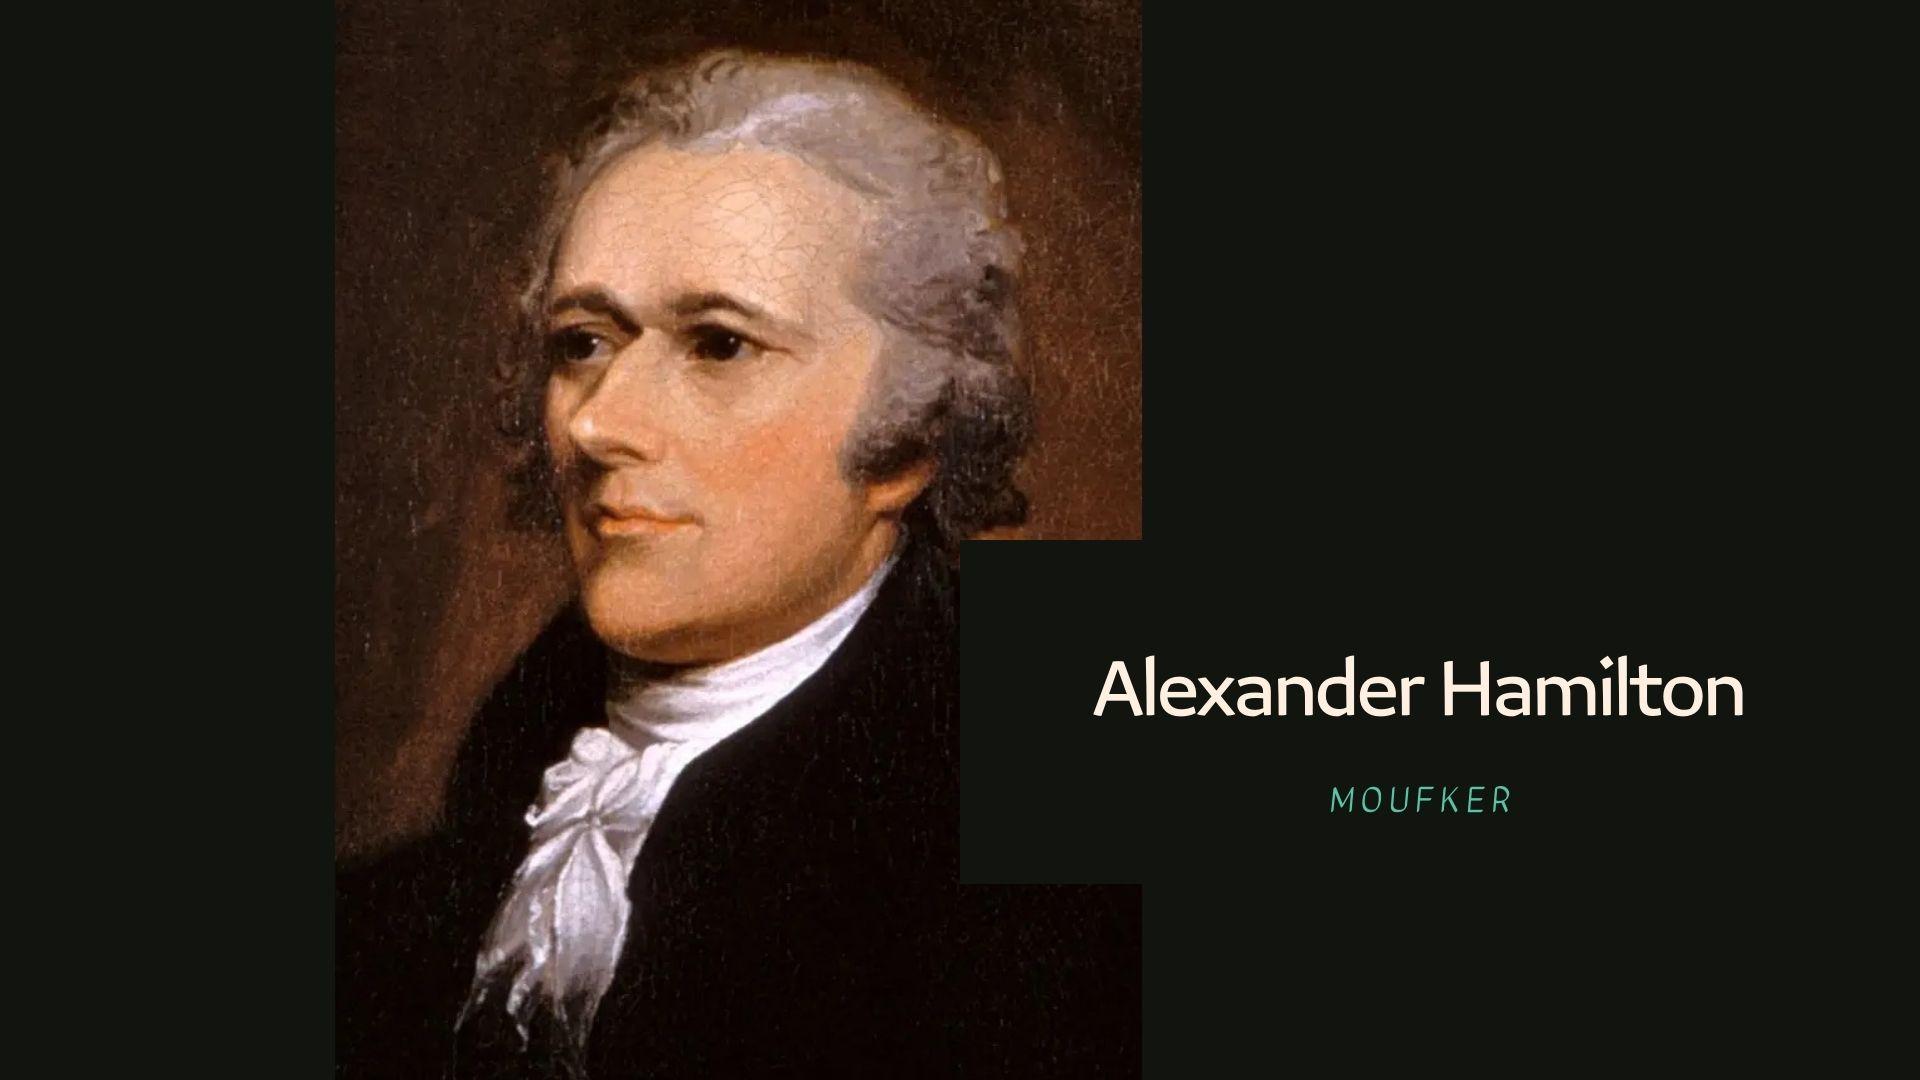 من هو ألكسندر هاملتون – Alexander Hamilton؟